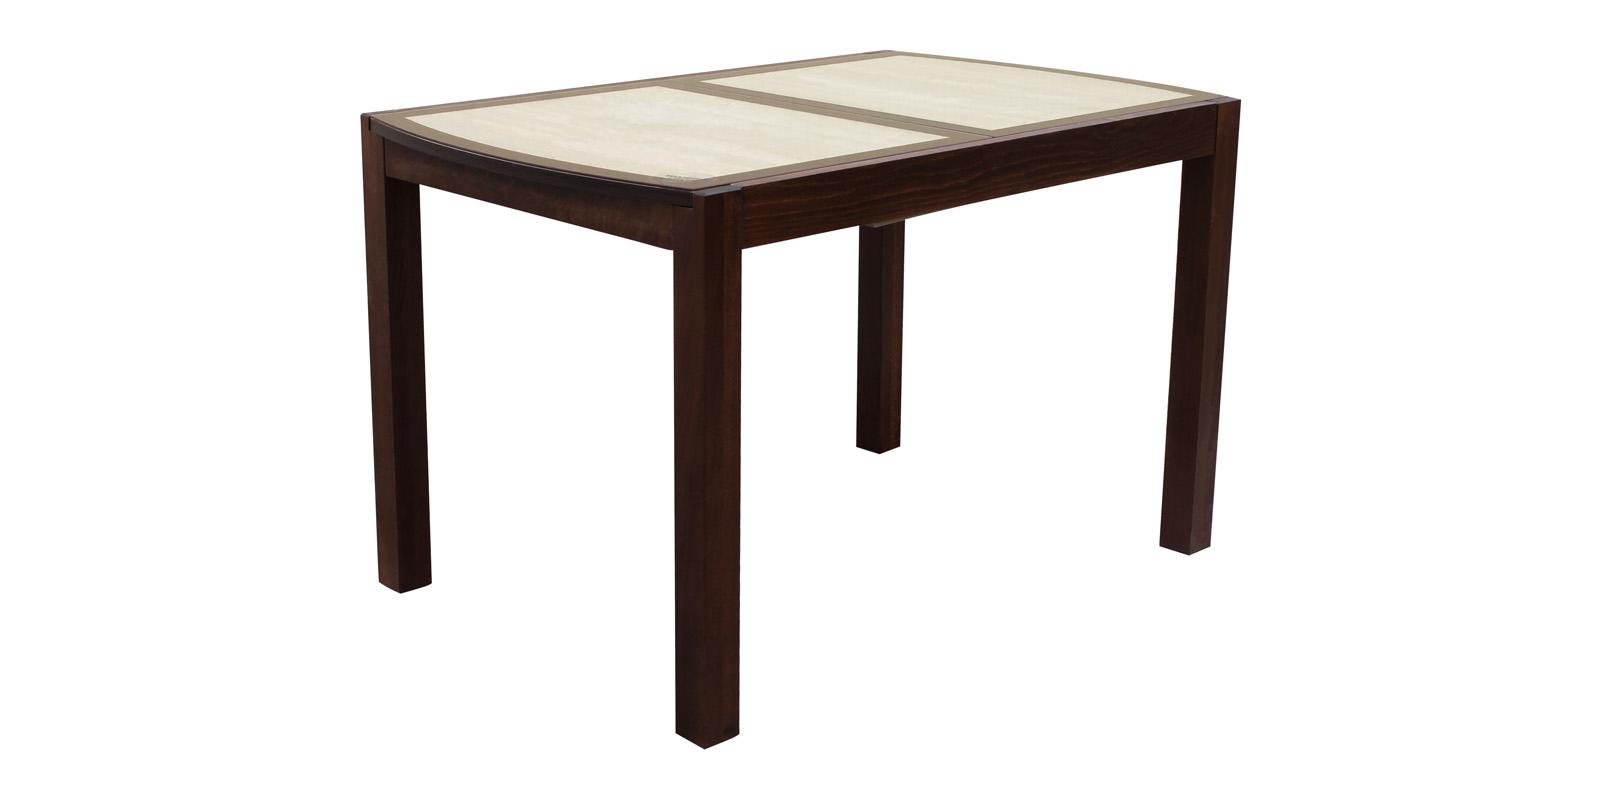 Обеденный стол Рига 170 см (орех темный/дуб сонома/стекло)